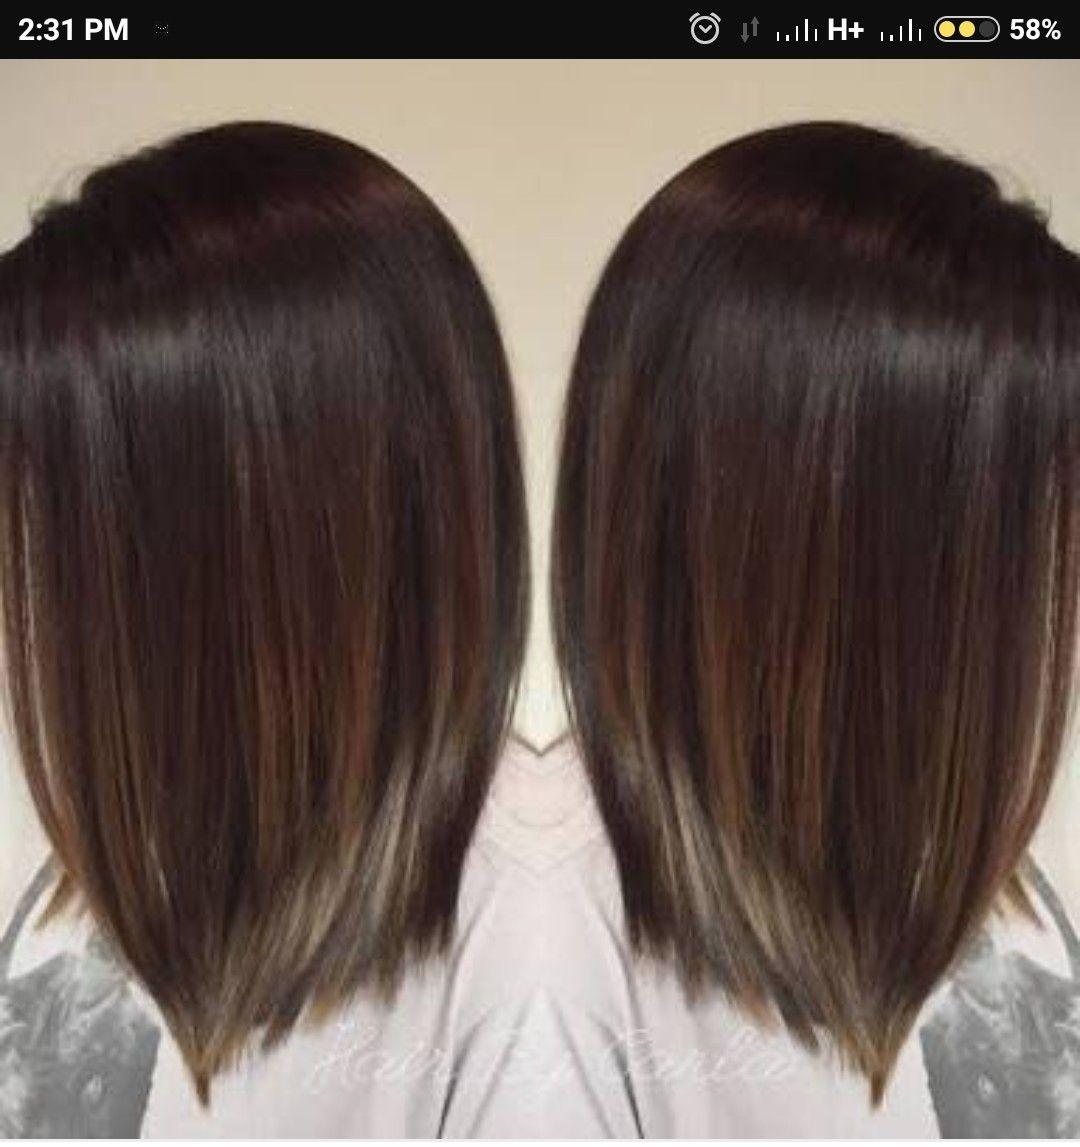 Pin by Jennifer yi on Hair \u0026 Beauty that I love